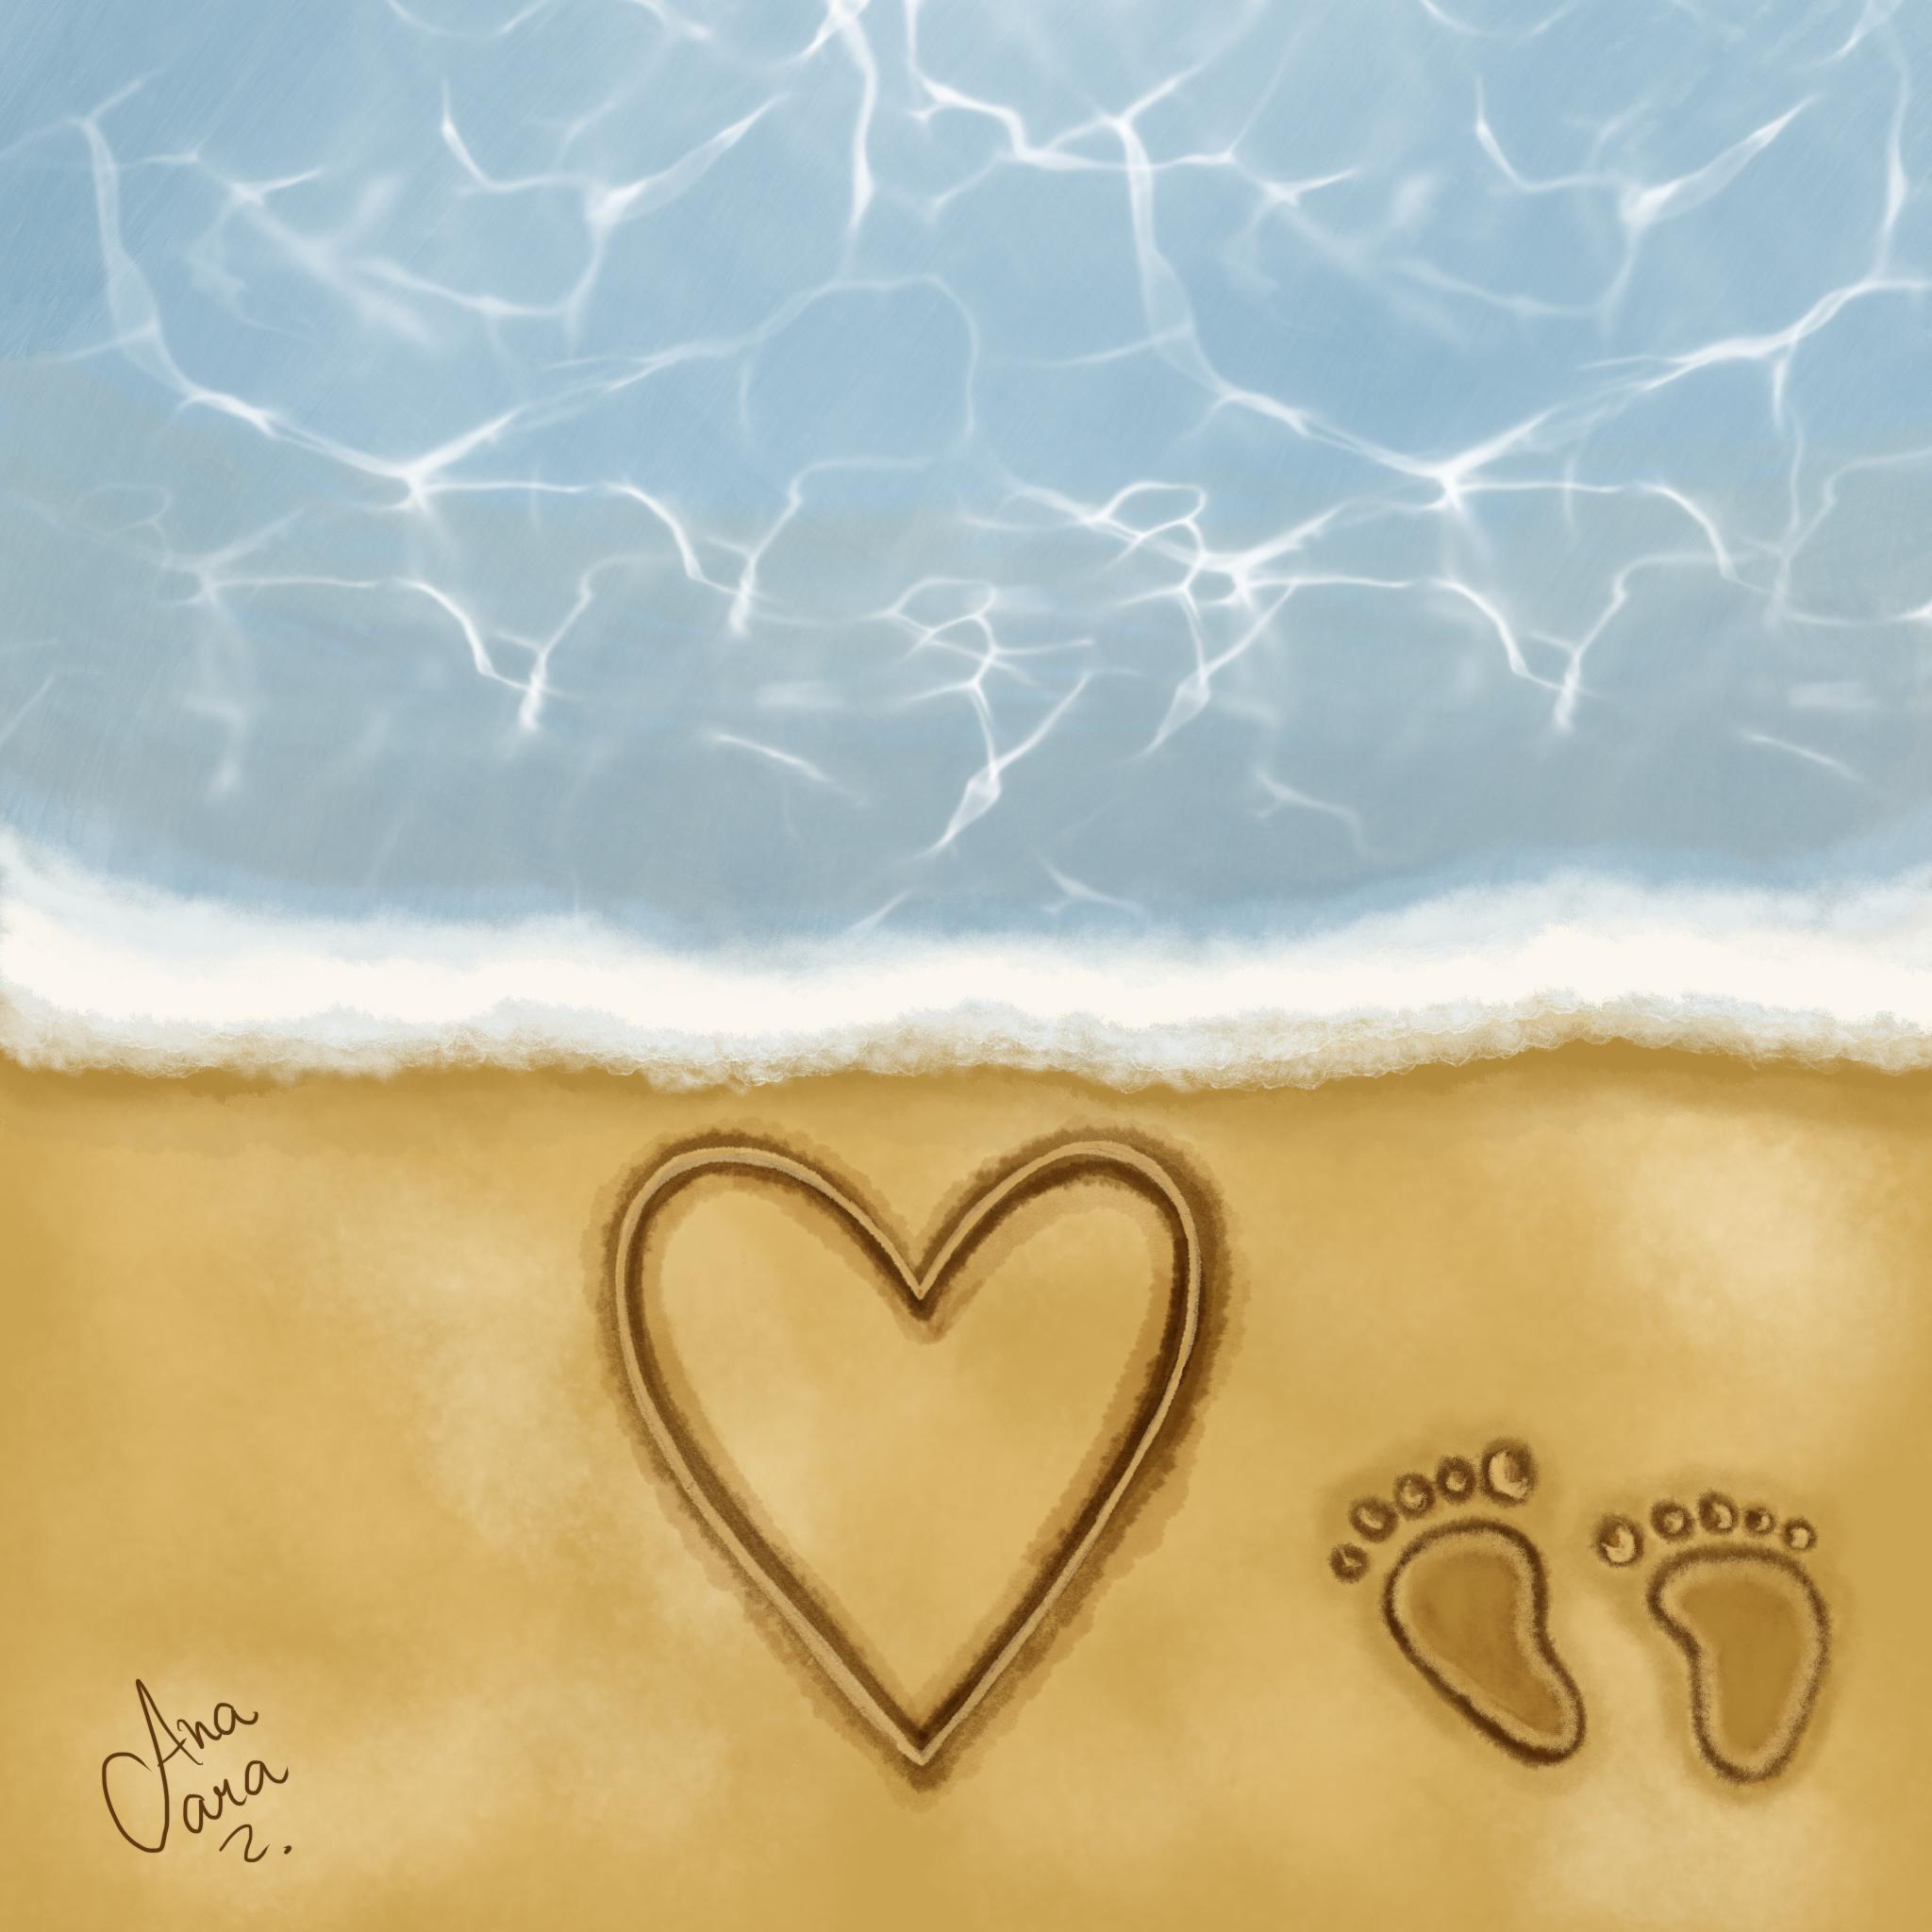 Ilustração: praia com um desenho de coração e pegadas na areia